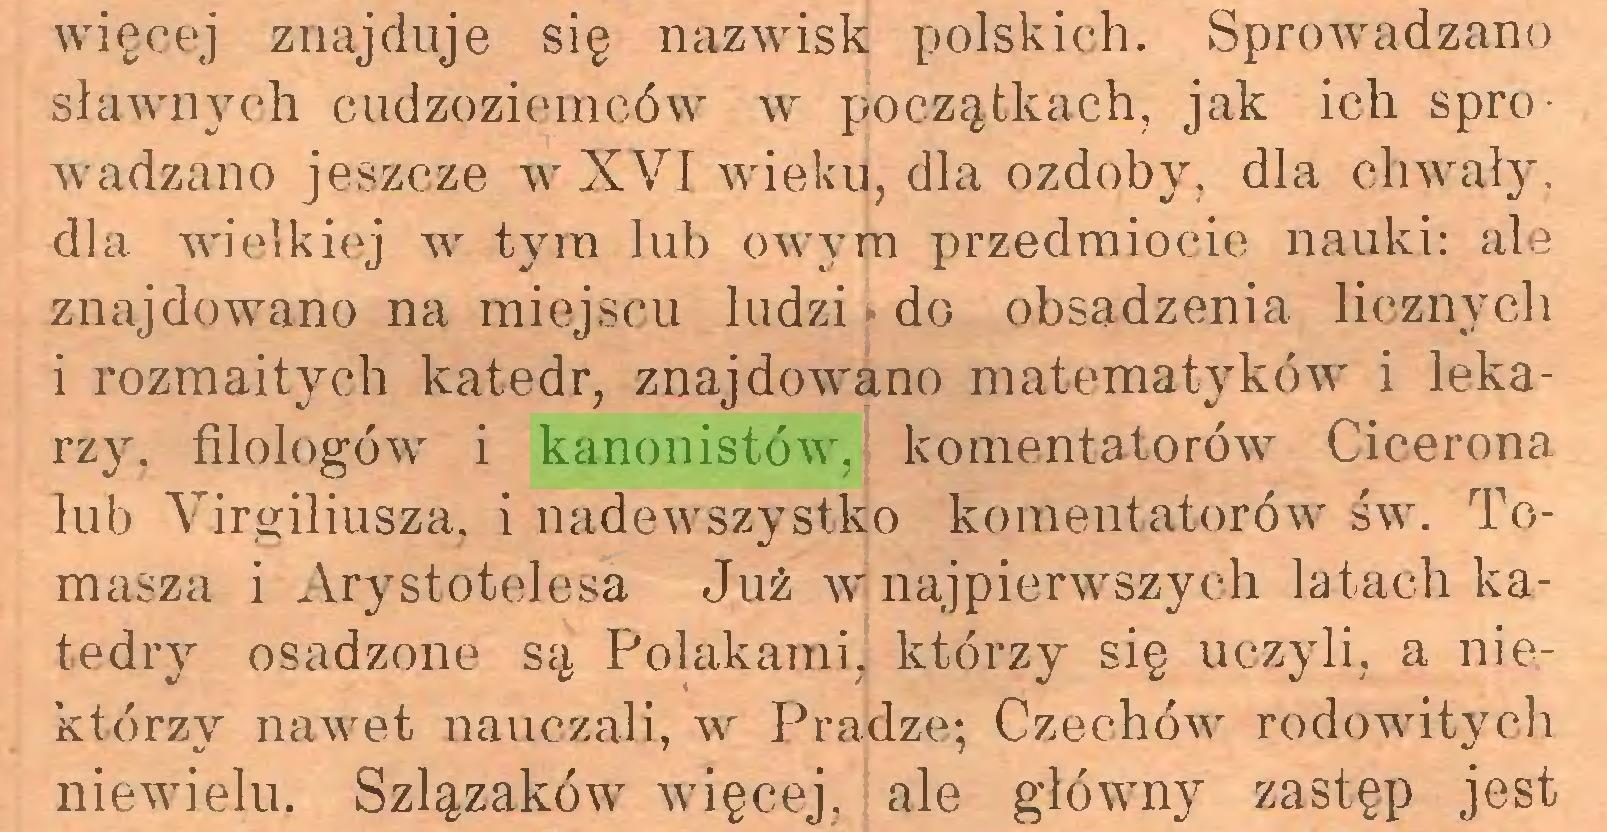 (...) więcej znajduje się nazwisk polskich. Sprowadzano sławnych cudzoziemców w początkach, jak ich sprowadzano jeszcze w XVI wieku, dla ozdoby, dla chwały, dla wielkiej w tym lub owym przedmiocie nauki: ale znajdowano na miejscu ludzi ■ do obsadzenia licznych i rozmaitych katedr, znajdowano matematyków i lekarzy. filologów i kanonistów, komentatorów Cicerona lub Yirgiliusza, i nadewszystko komentatorów św. Tomasza i Arystotelesa Już w najpierwszych latach katedry osadzone są Polakami, którzy się uczyli, a niektórzy nawet nauczali, w Pradze; Czechów rodowitych niewielu. Szlązaków więcej, j ale główny zastęp jest...